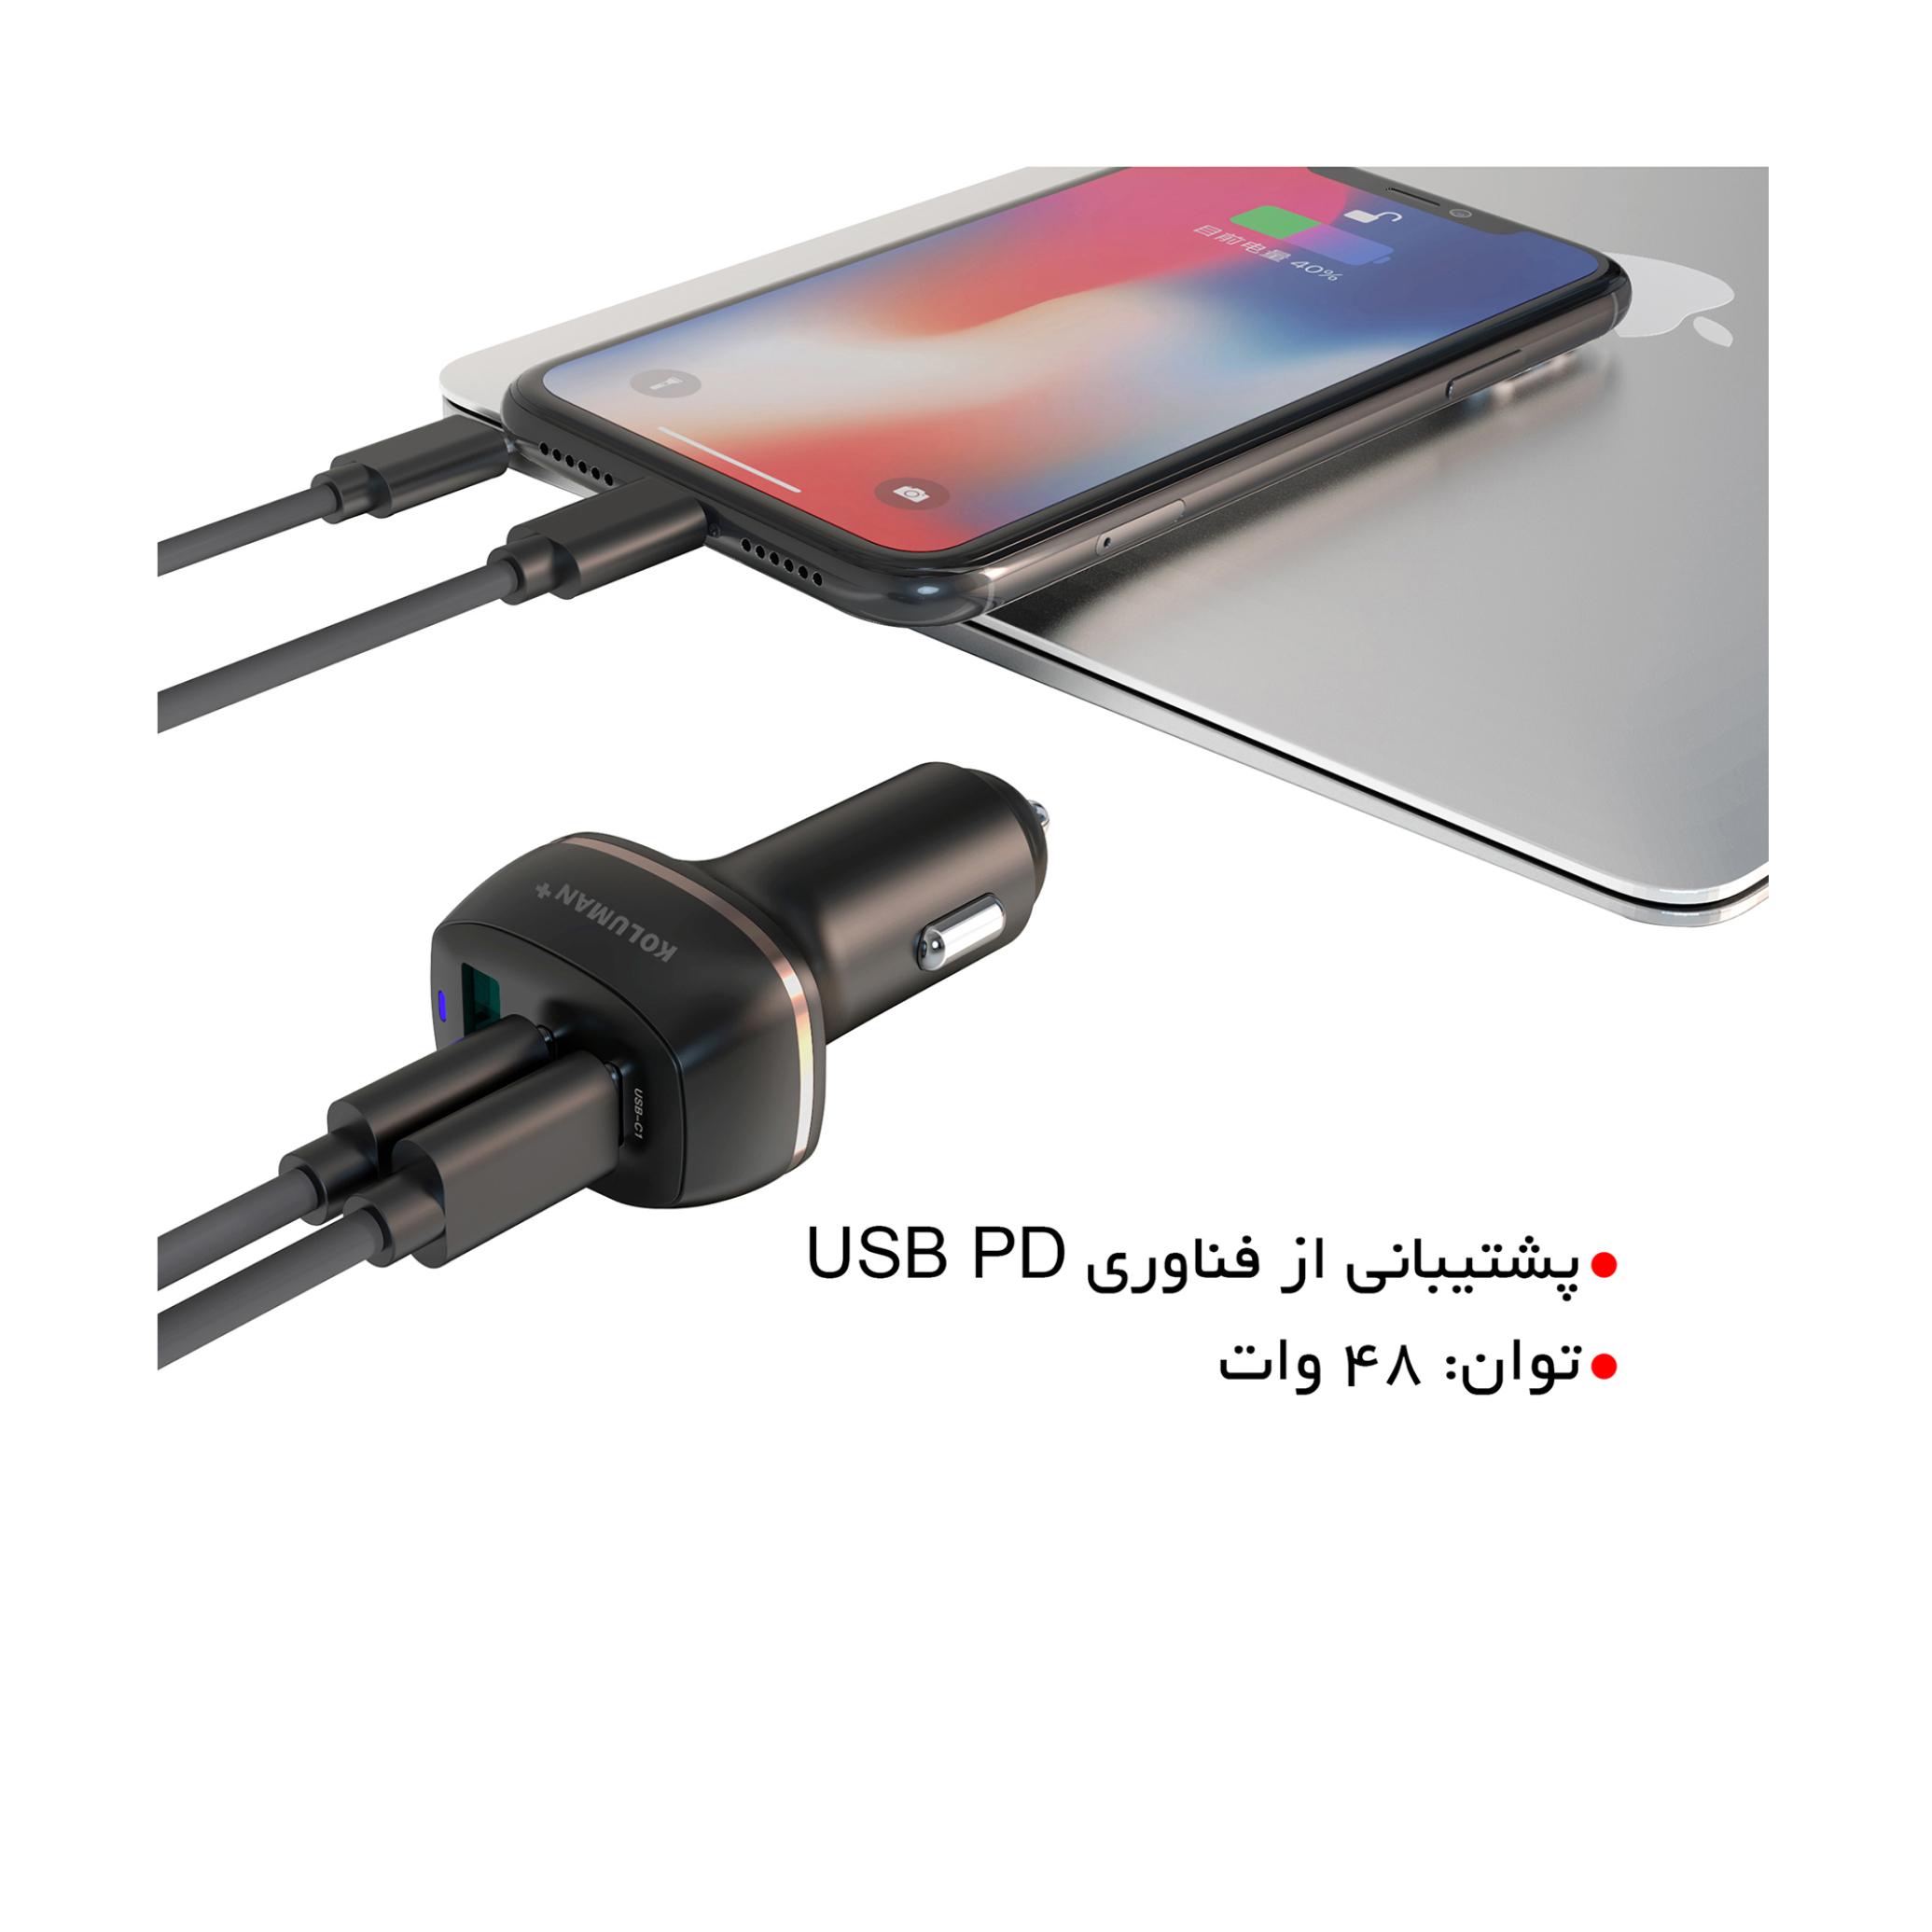 شارژر فندکی دارای یک پورت خروجی USB